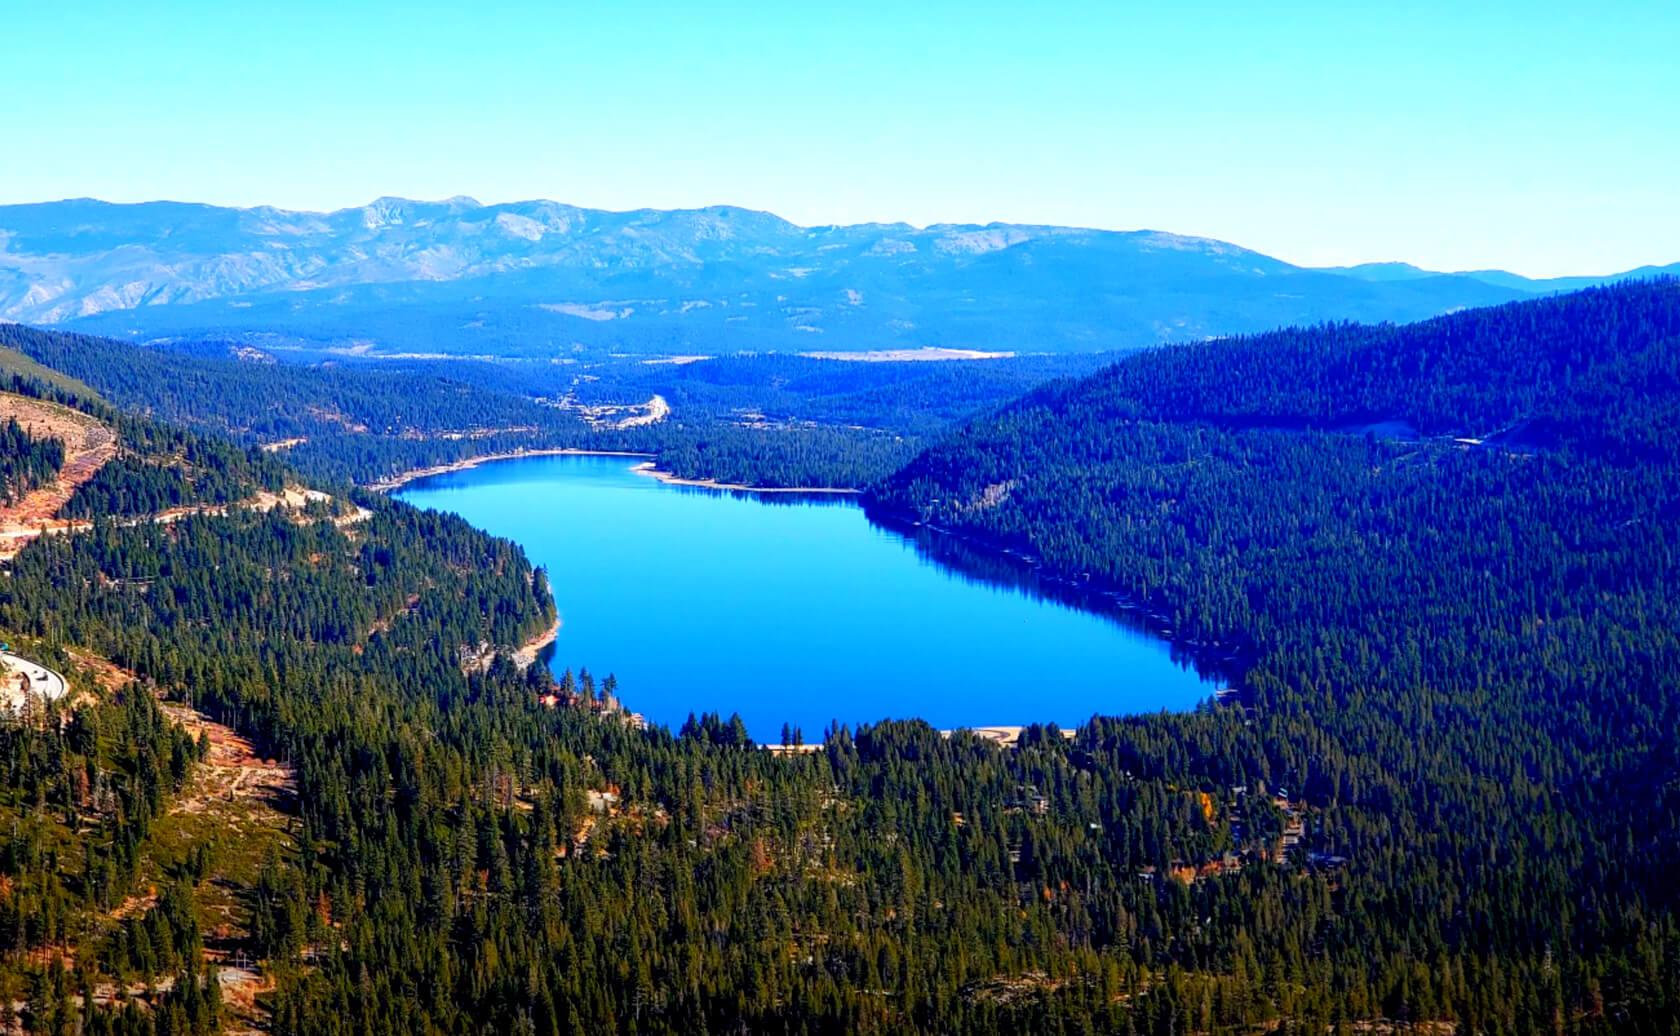 Donner-Lake-Fishing-Guide-Report-California-02